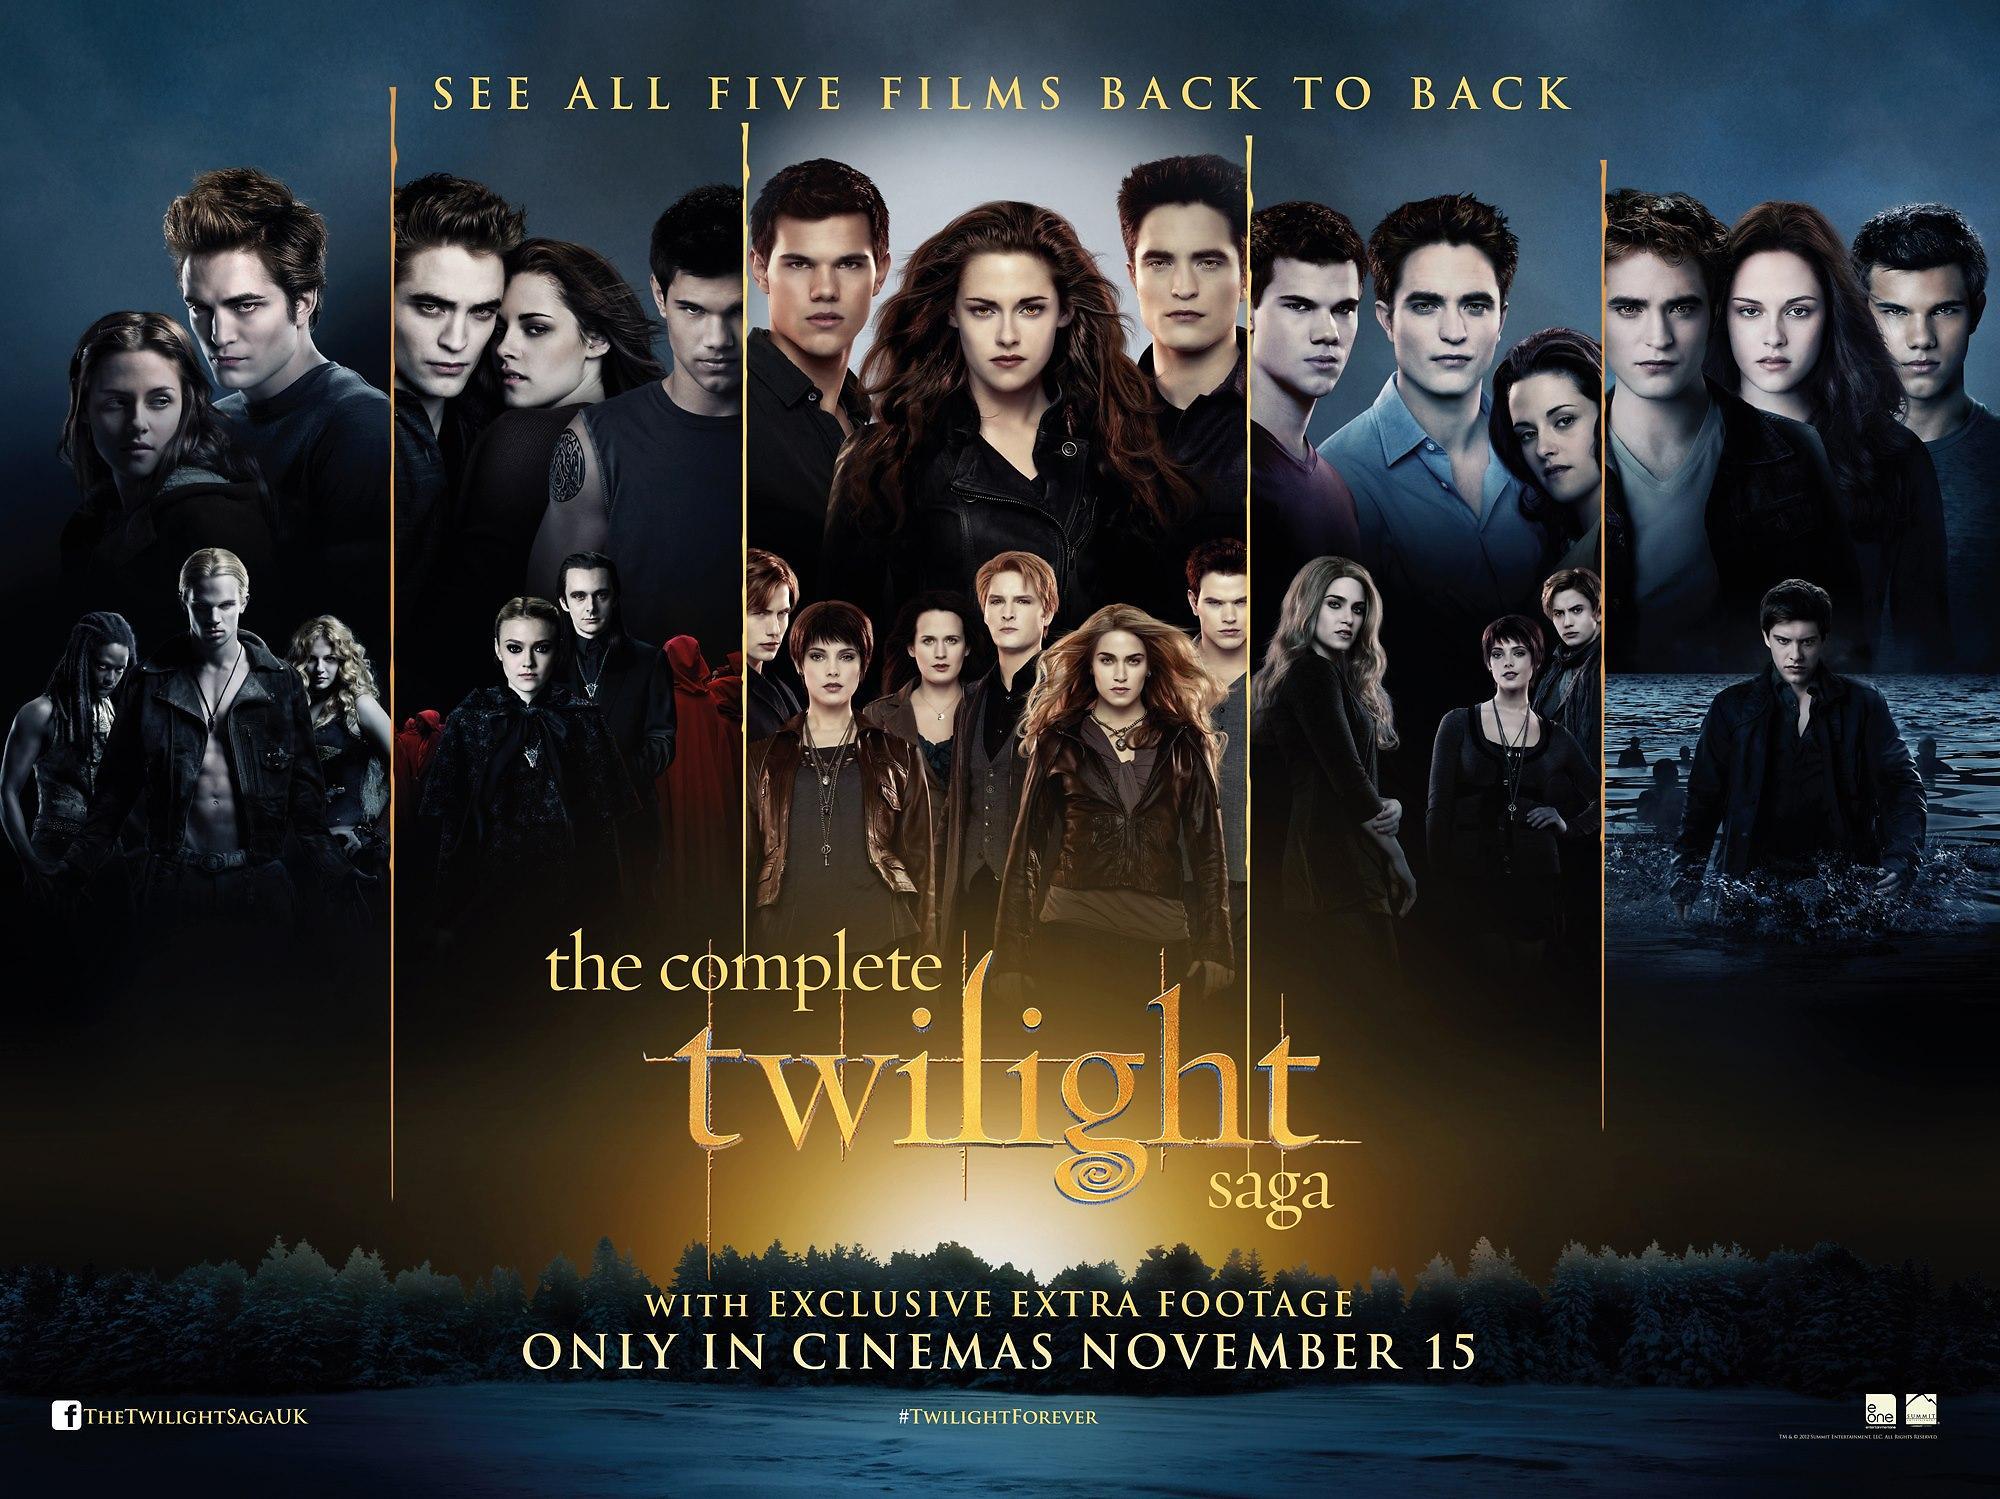 The Complete Twilight Saga